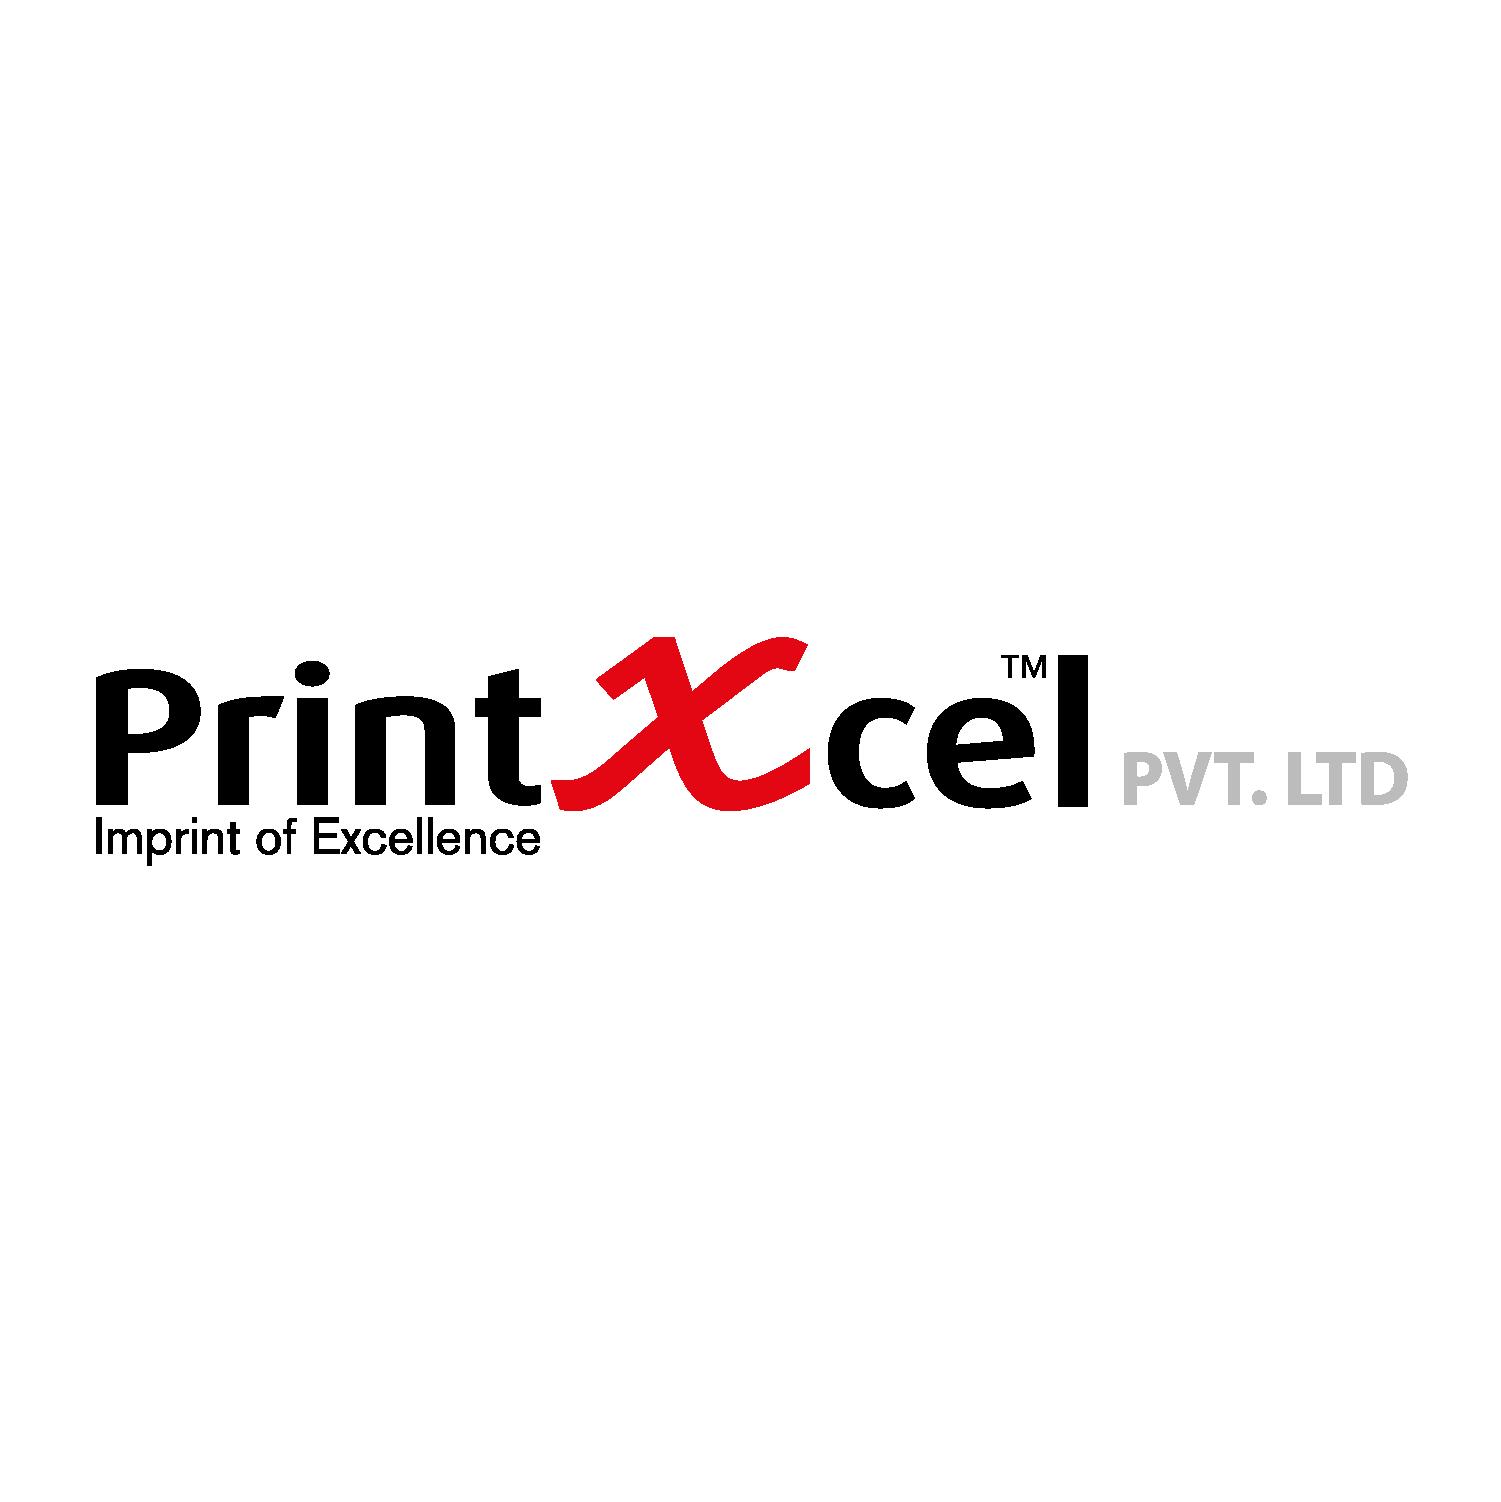 PrintXcel Pvt Ltd - Logo (Preview)